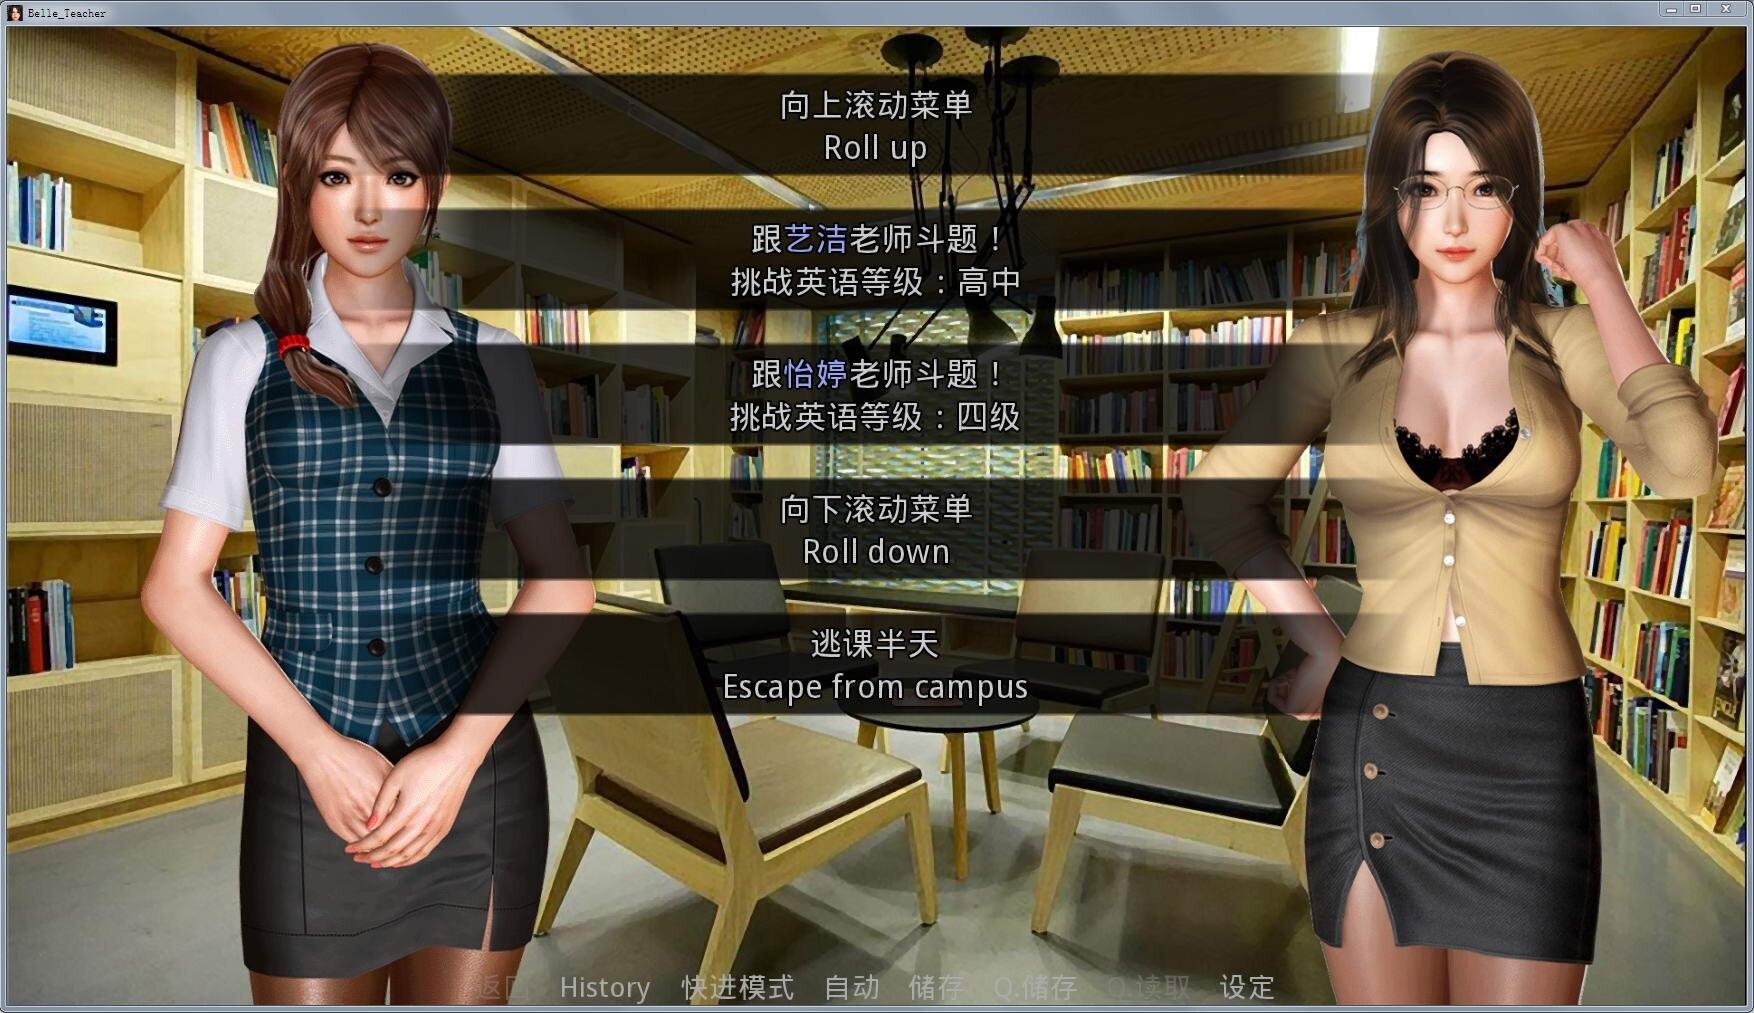 【国产SLG/中文/动态】那些年~我玩过的校花英语老师 V1.18 VIP激活版【黑丝】【950M】